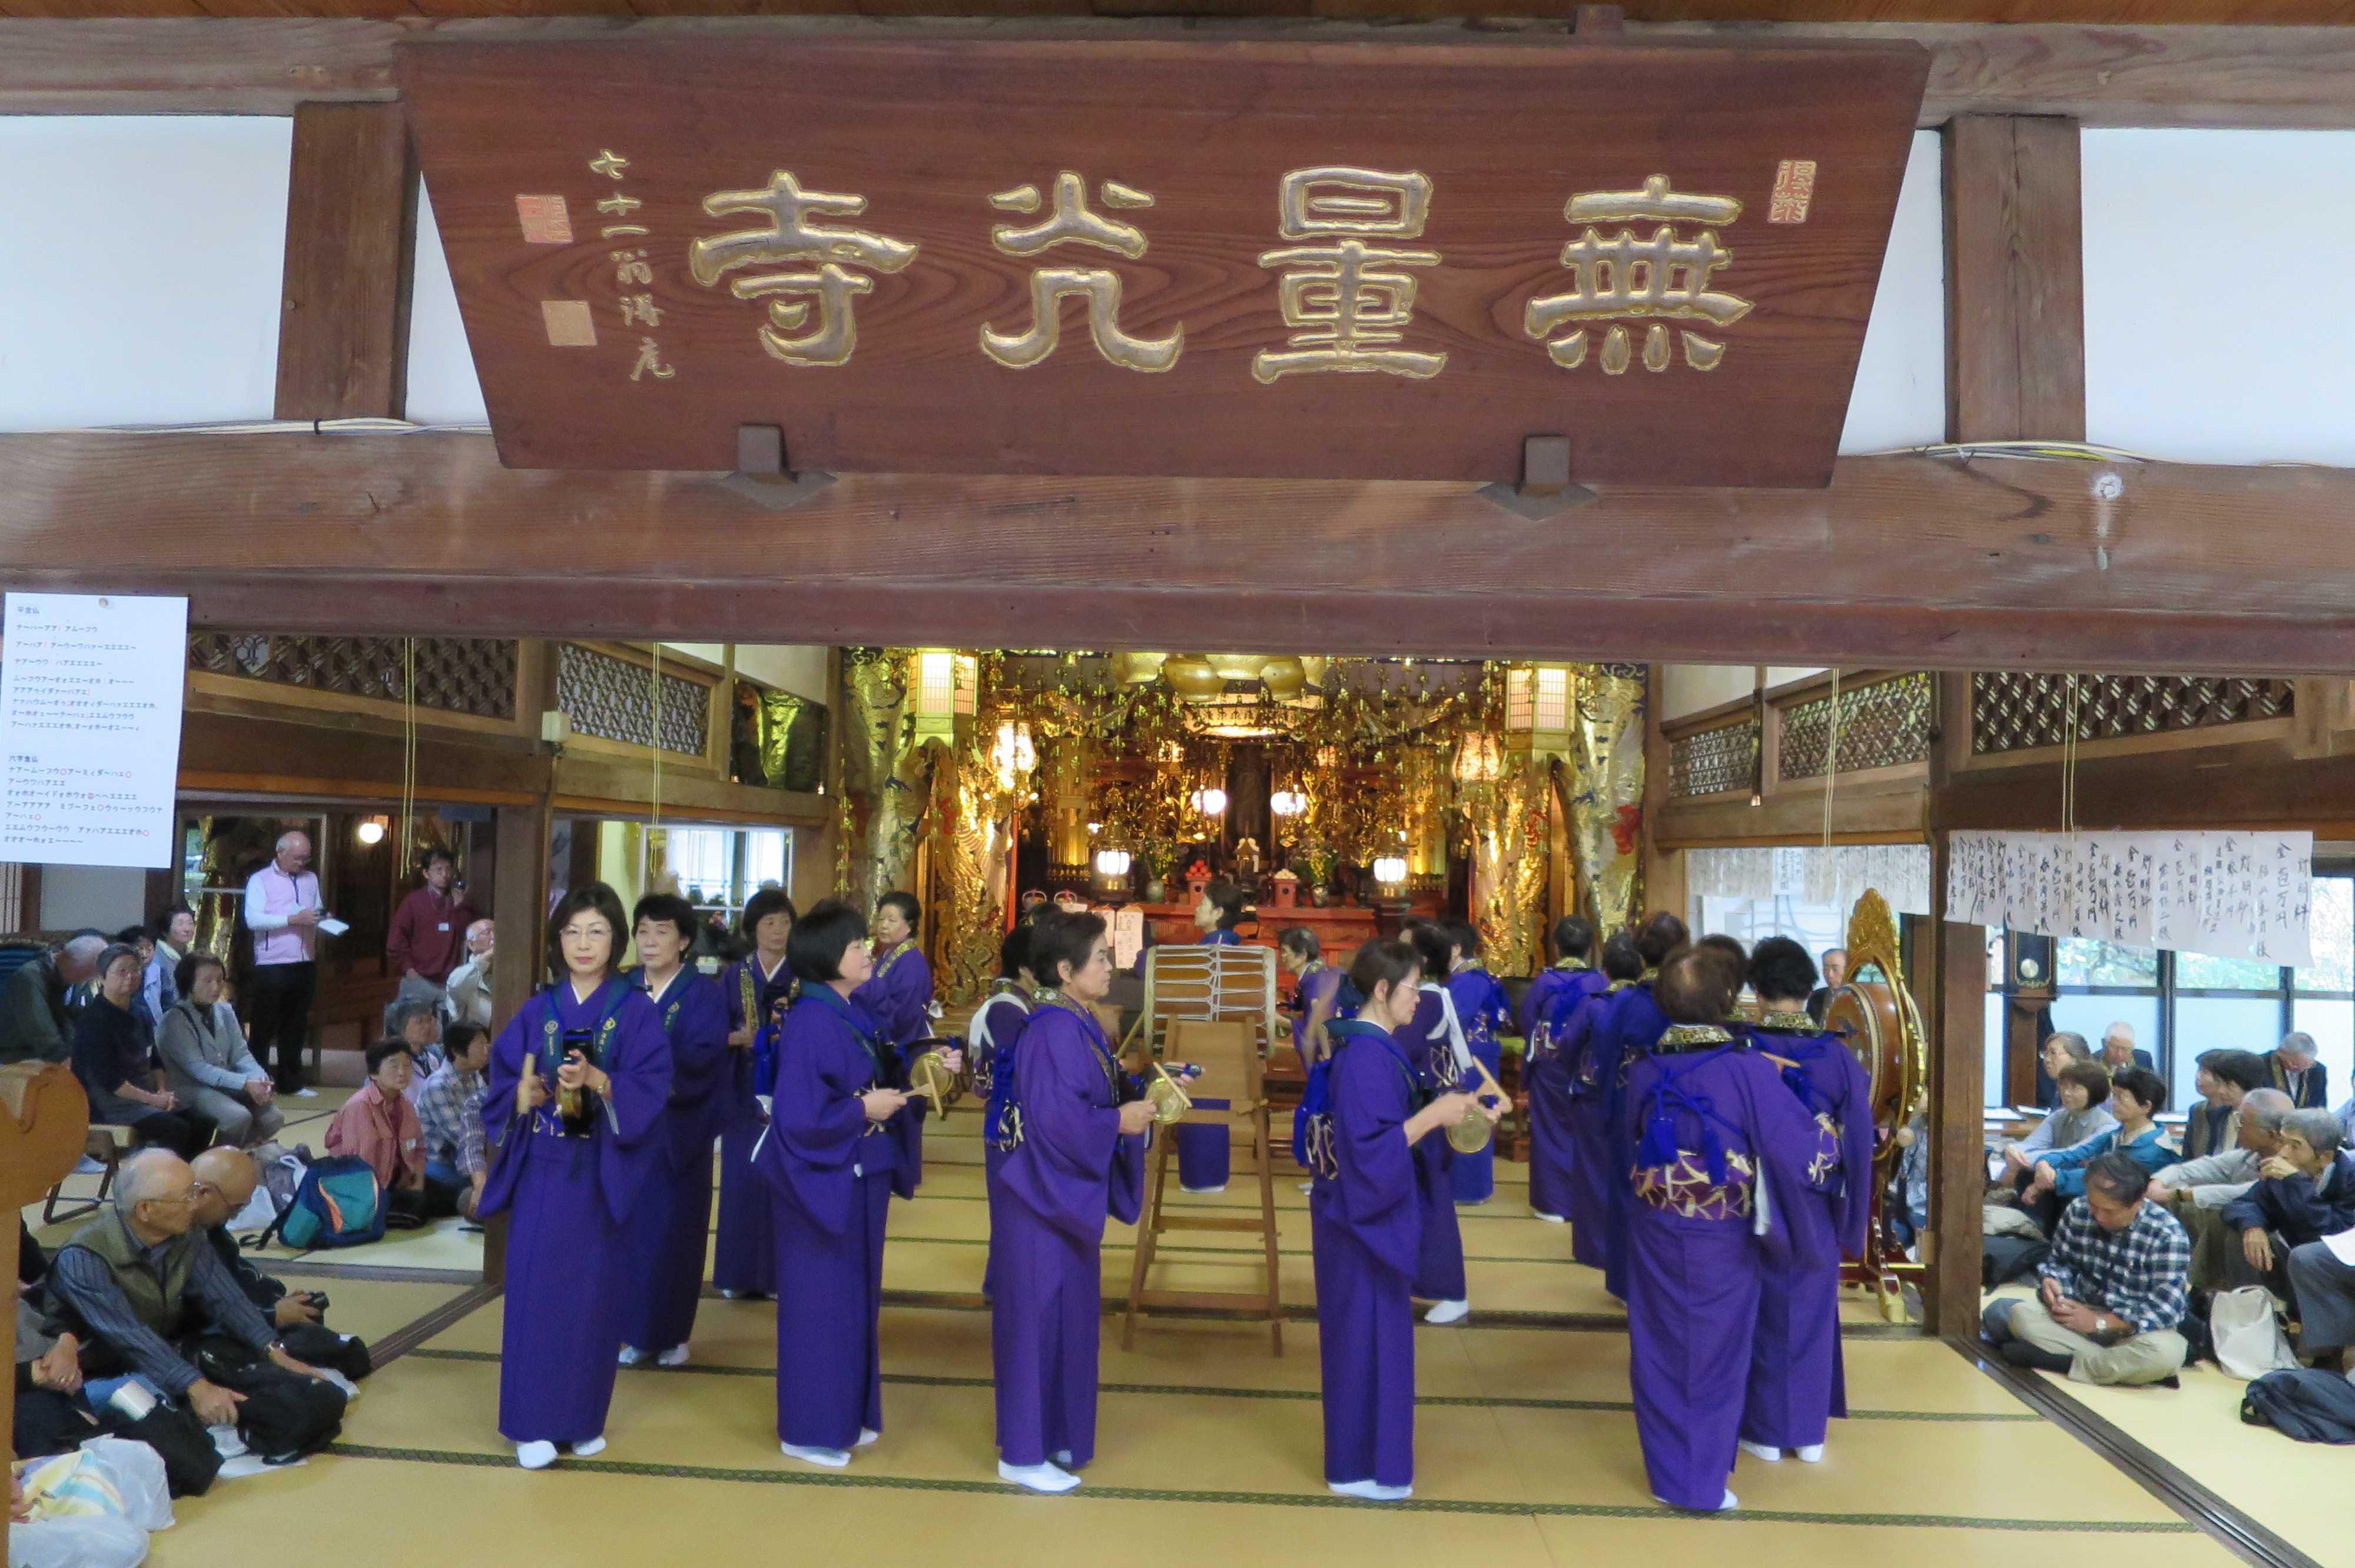 「踊り念仏」 当麻山 無量光寺 - 神奈川県相模原市